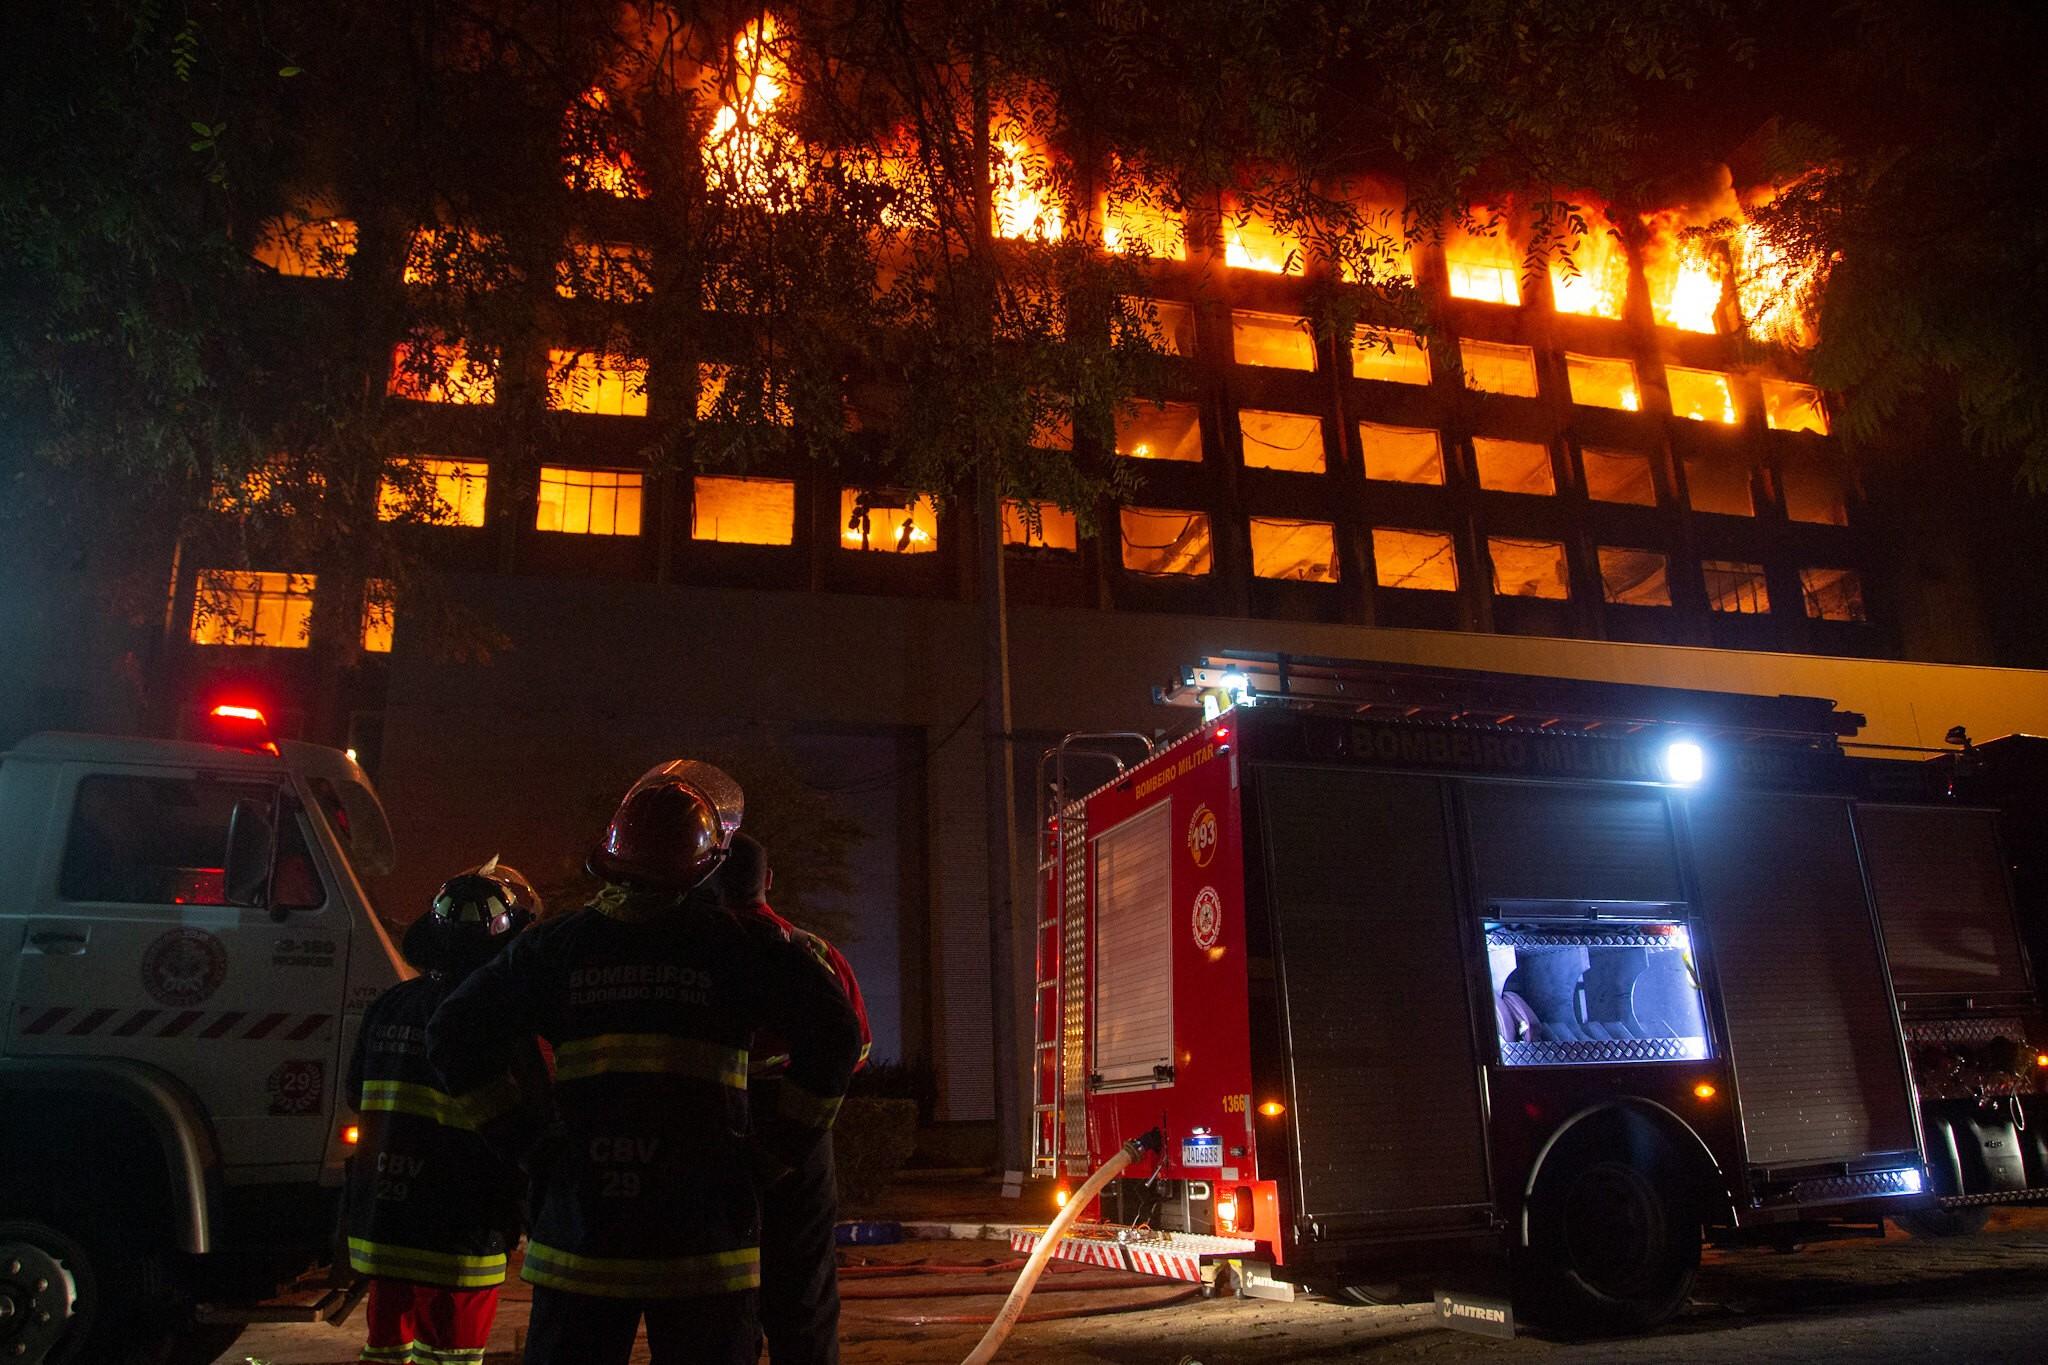 Comissão da Assembleia rejeita relatório que apontou prováveis falhas no incêndio da SSP-RS